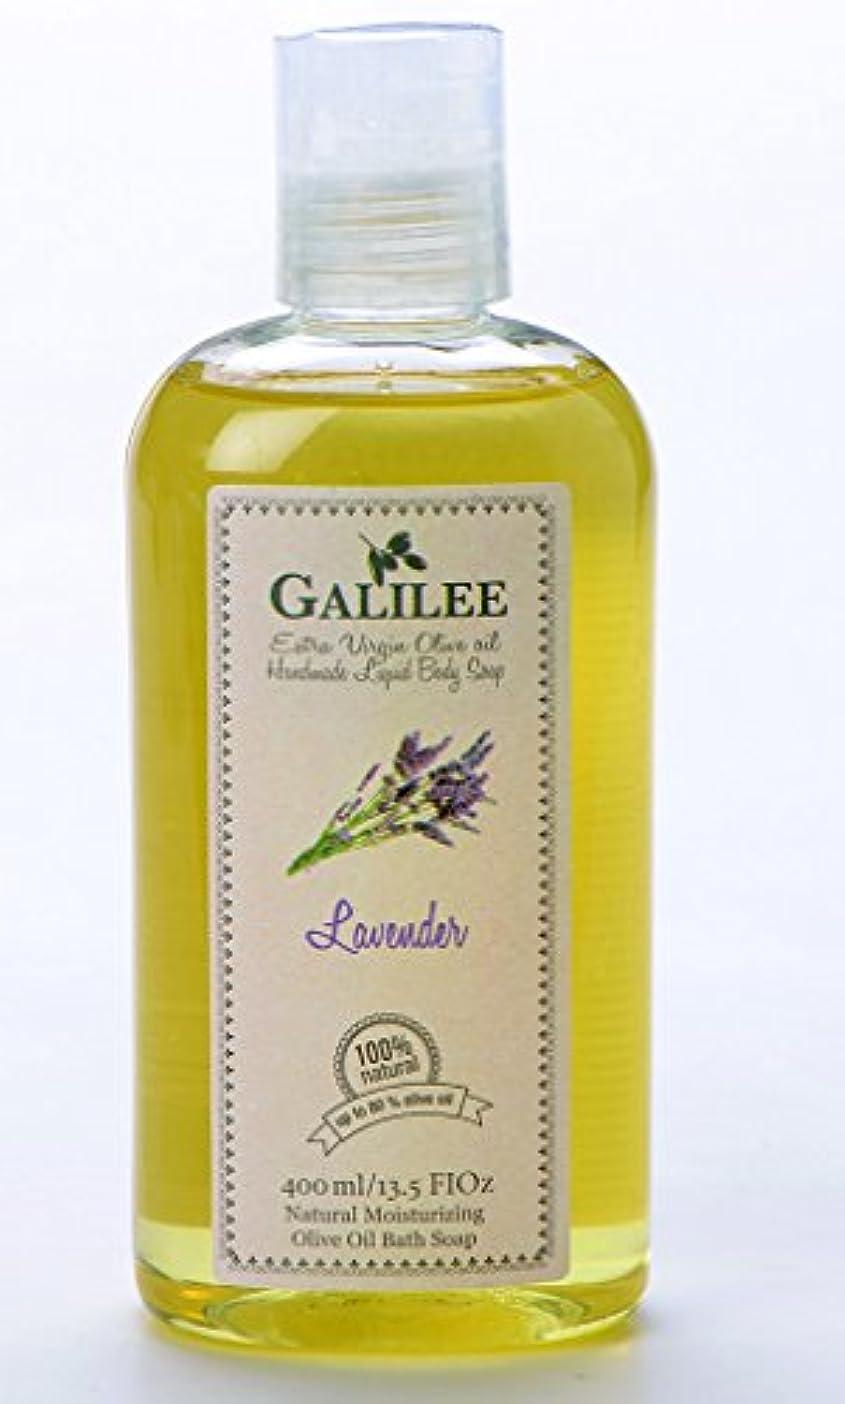 行列不測の事態裏切り者Galilee Magic ガリラヤオリーブオイル手作りの液体ボディソープ 13.5oz ラベンダー&オリーブオイル